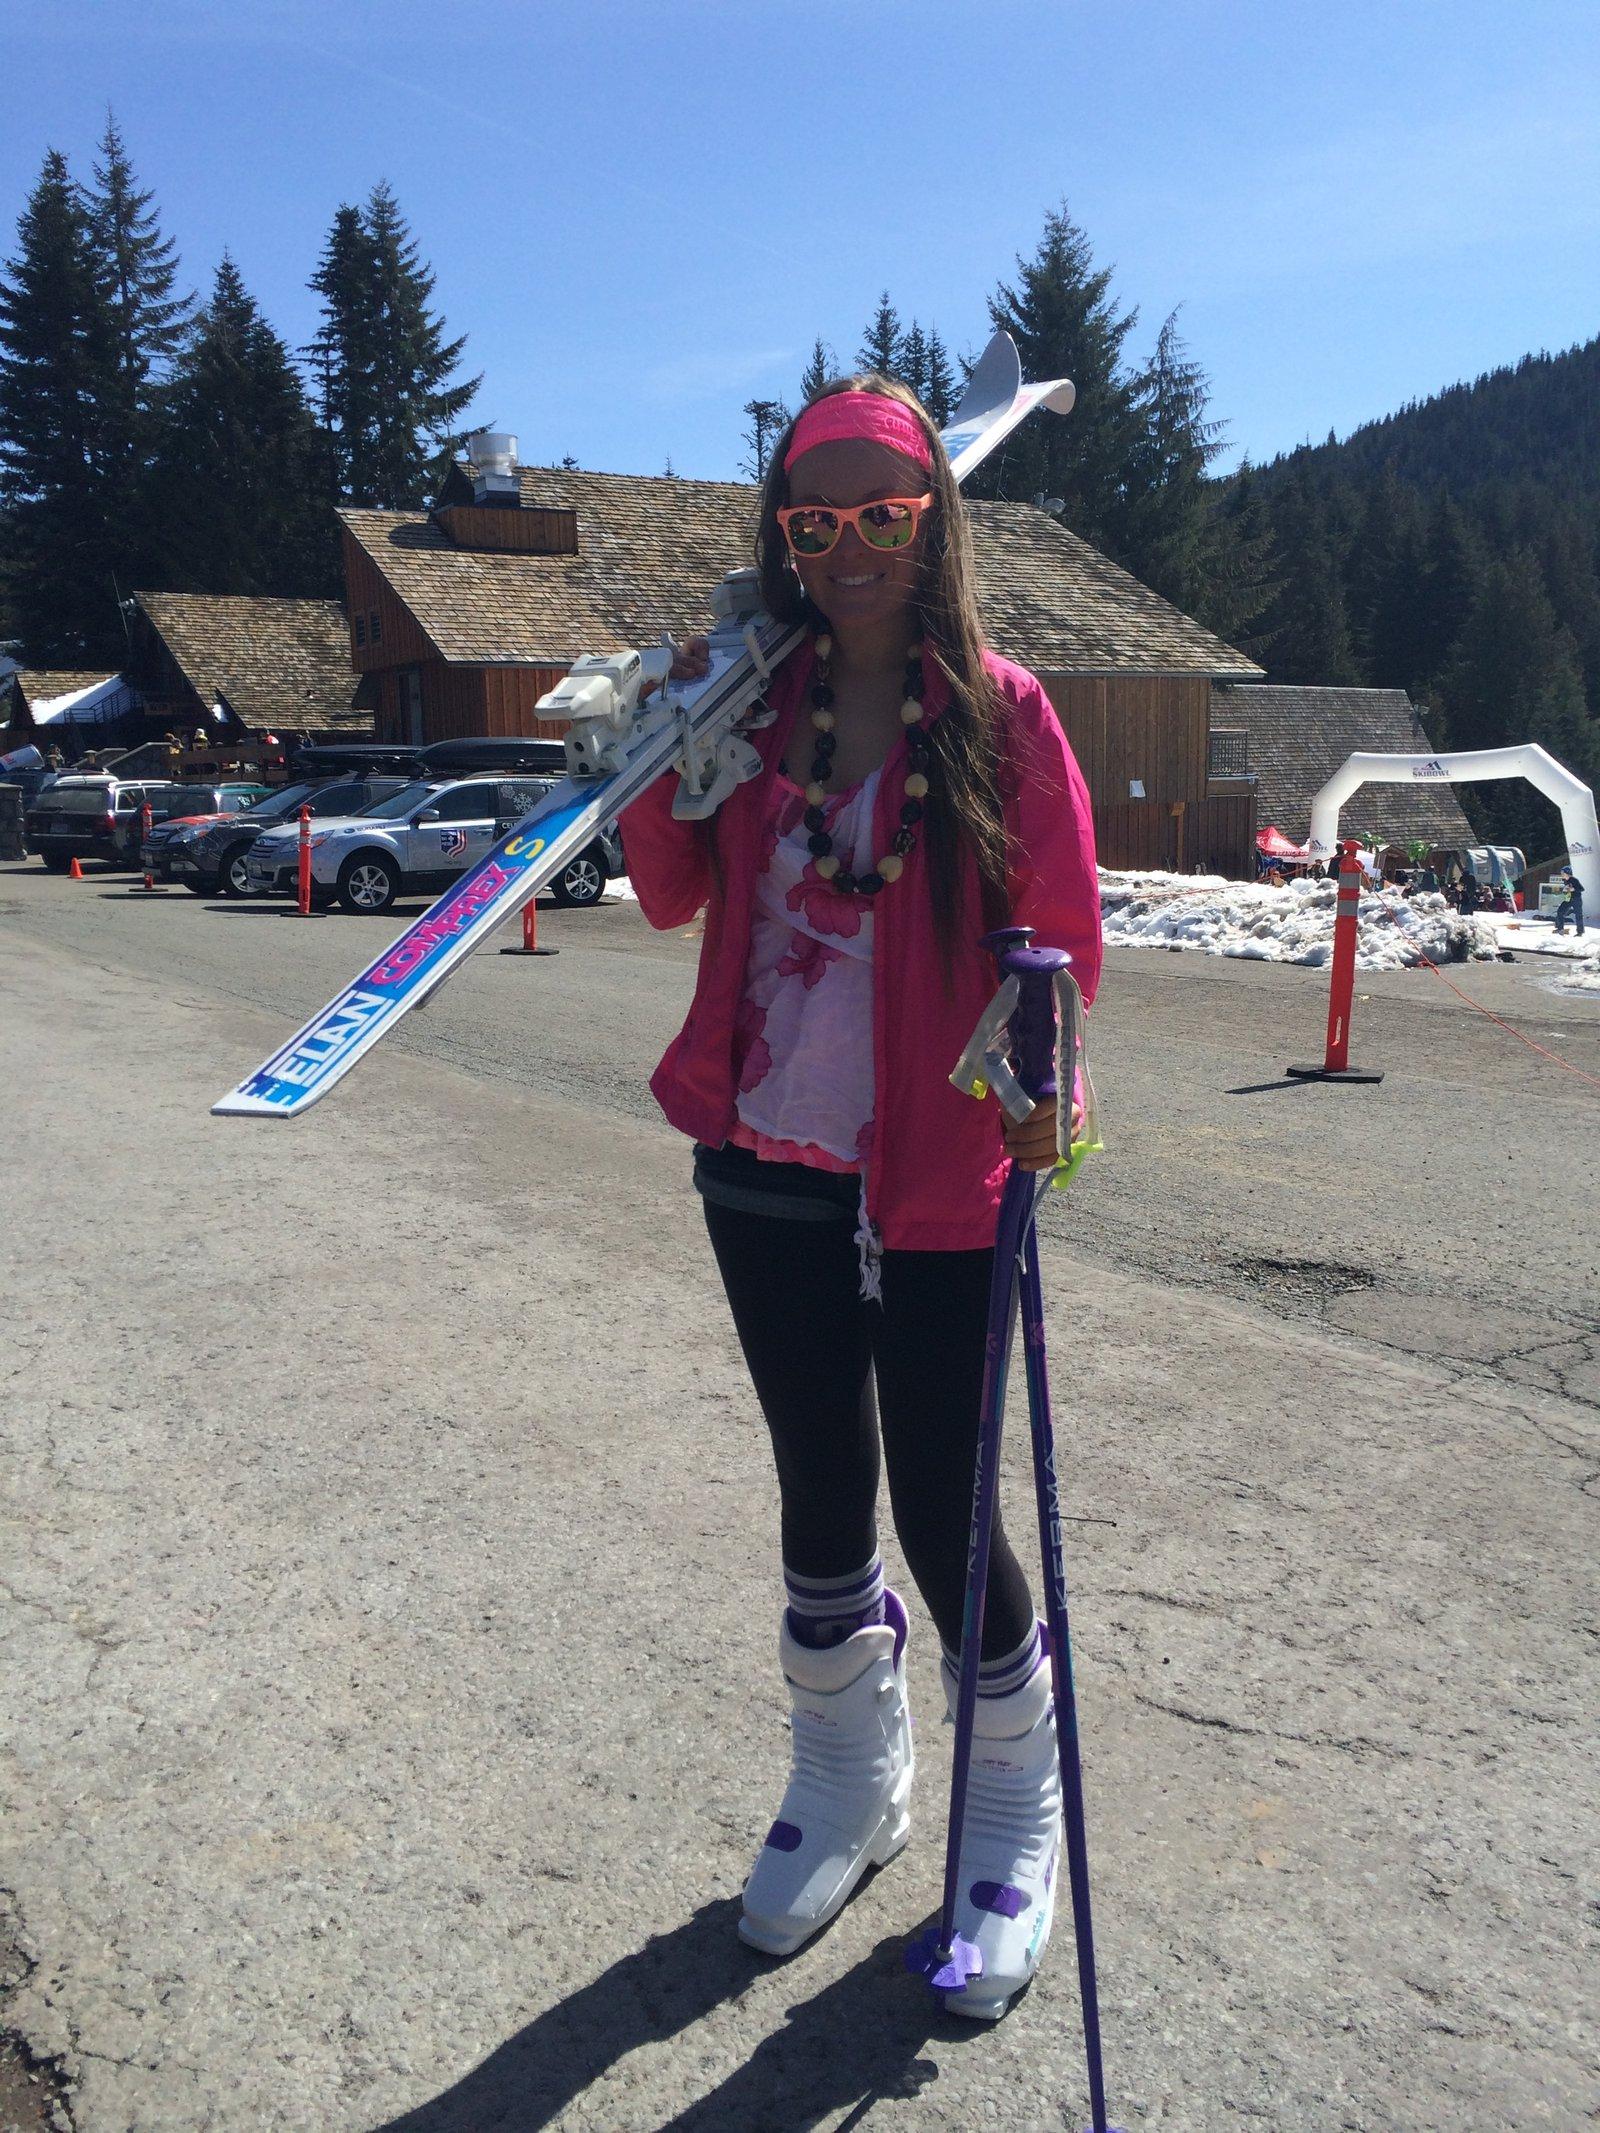 Gaper Day at Ski Bowl 2014